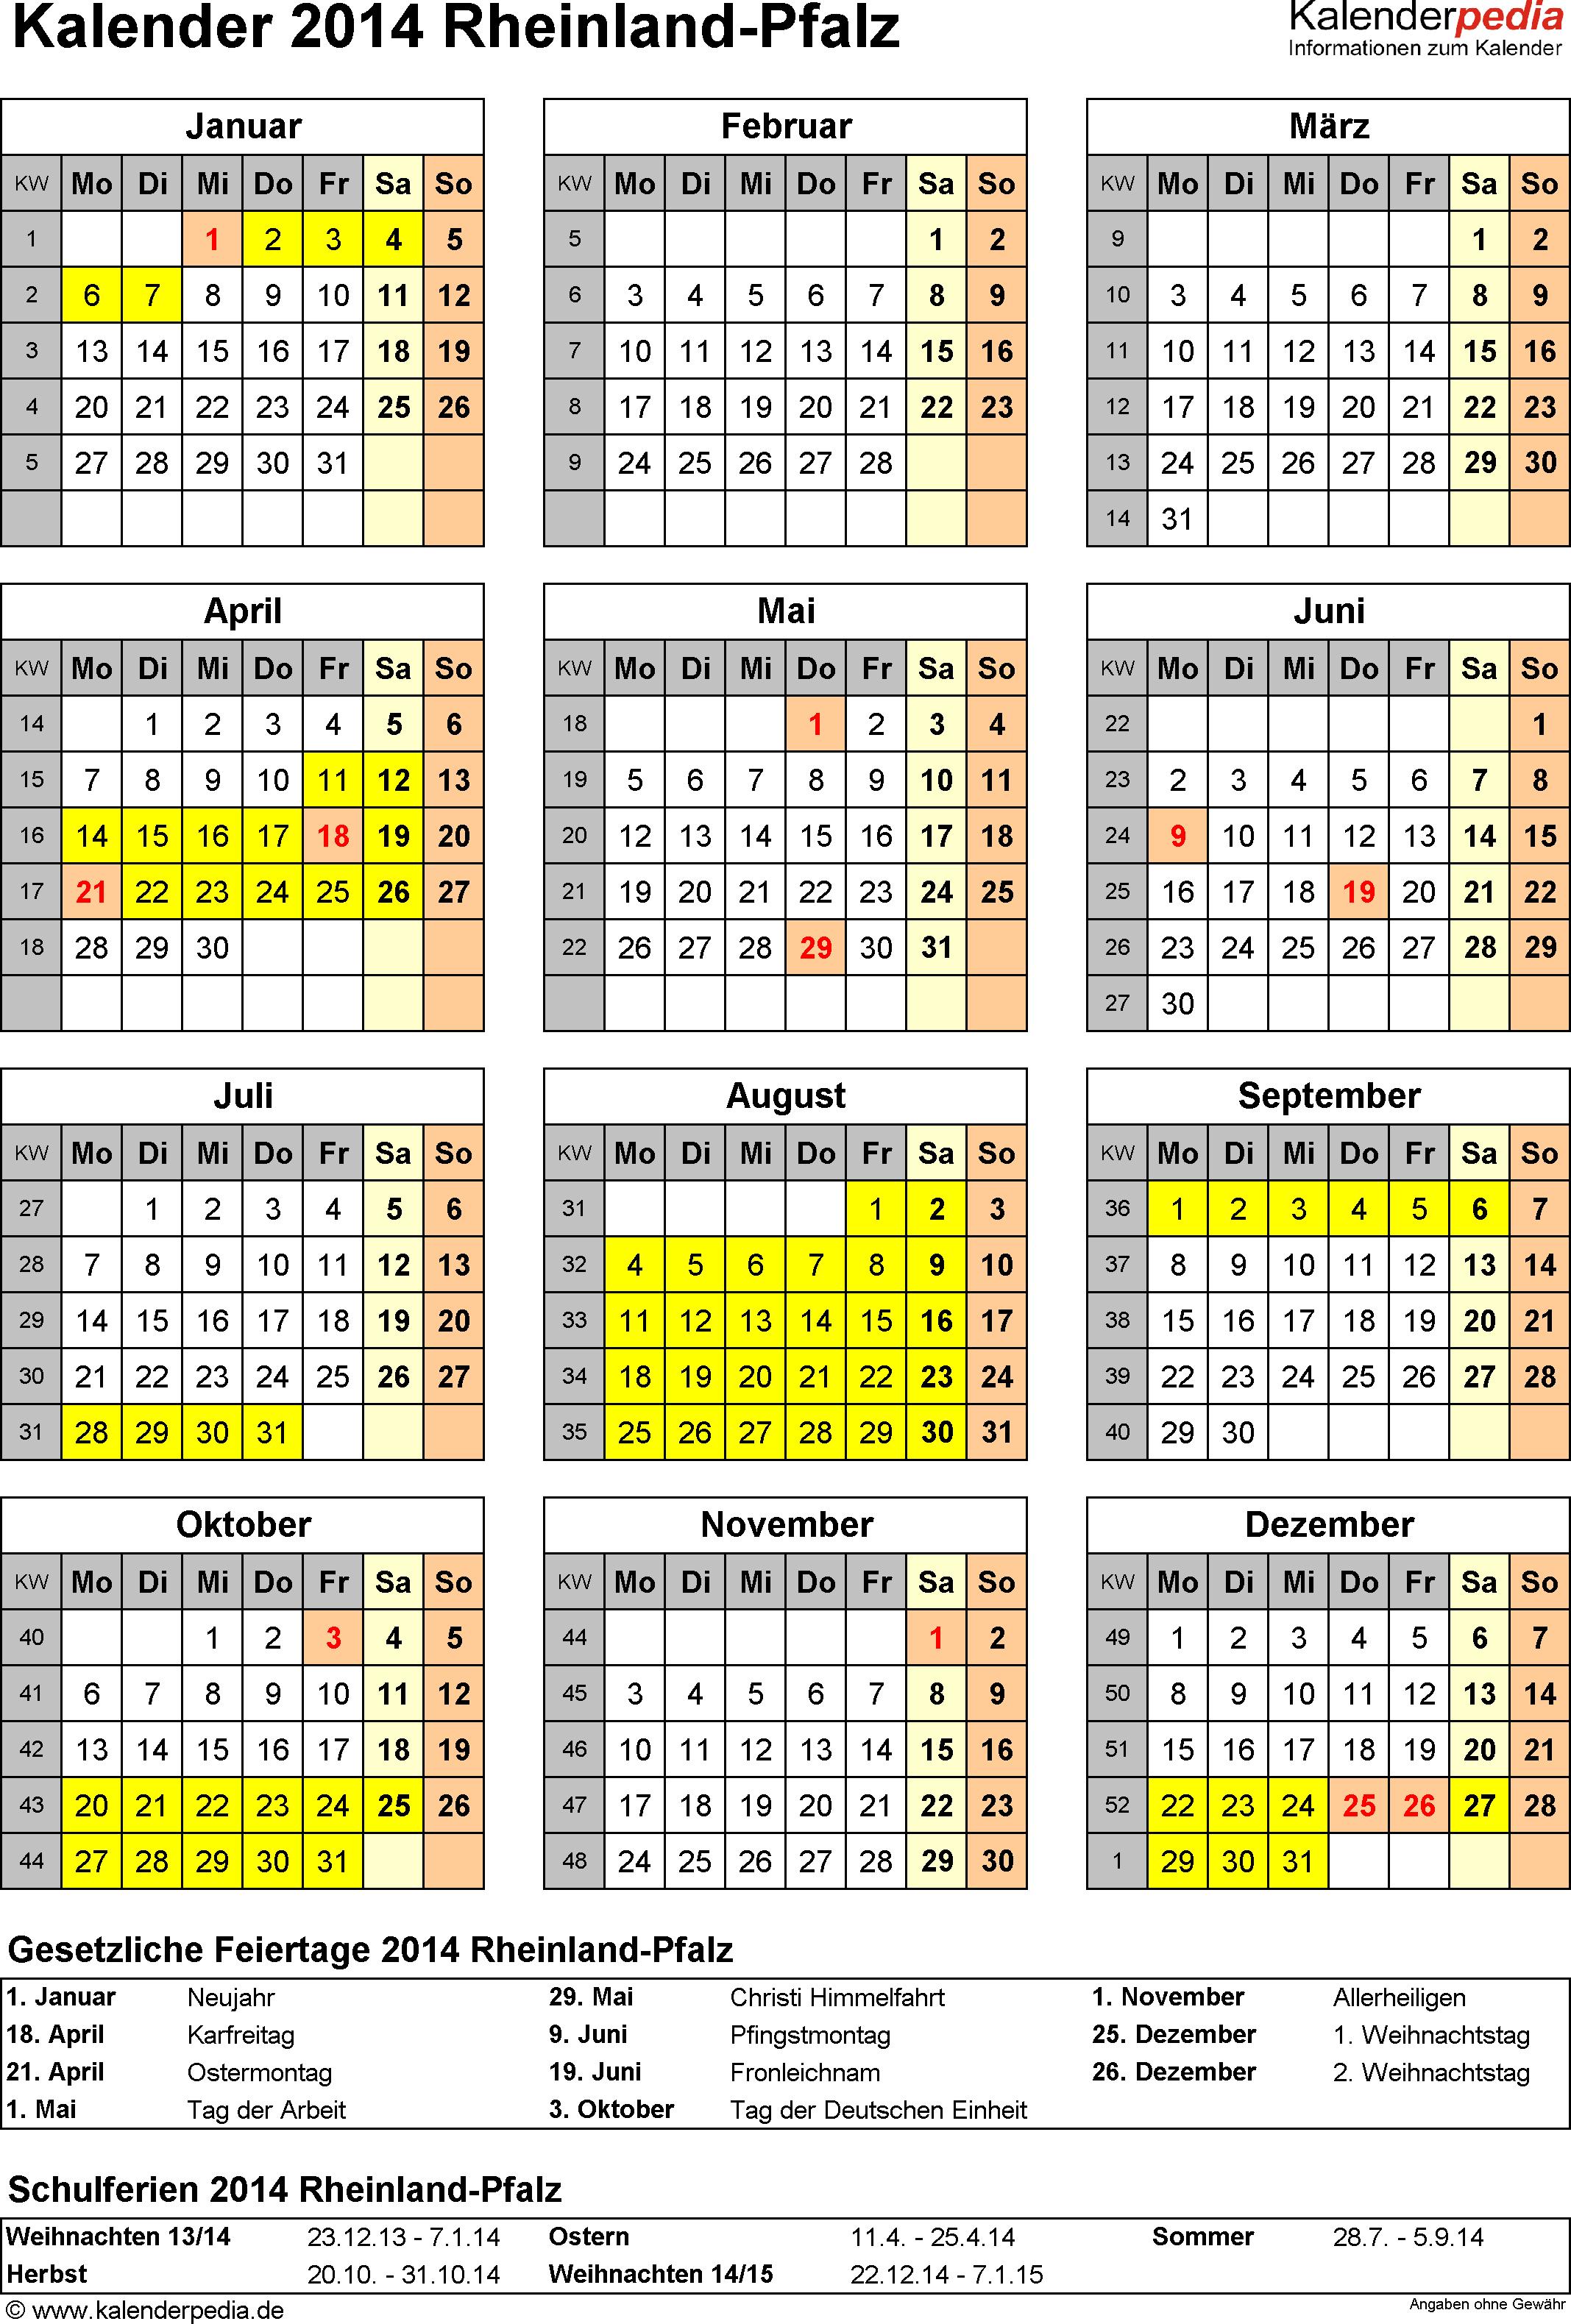 Vorlage 4: Kalender Rheinland-Pfalz 2014 als PDF-Vorlage (Hochformat)